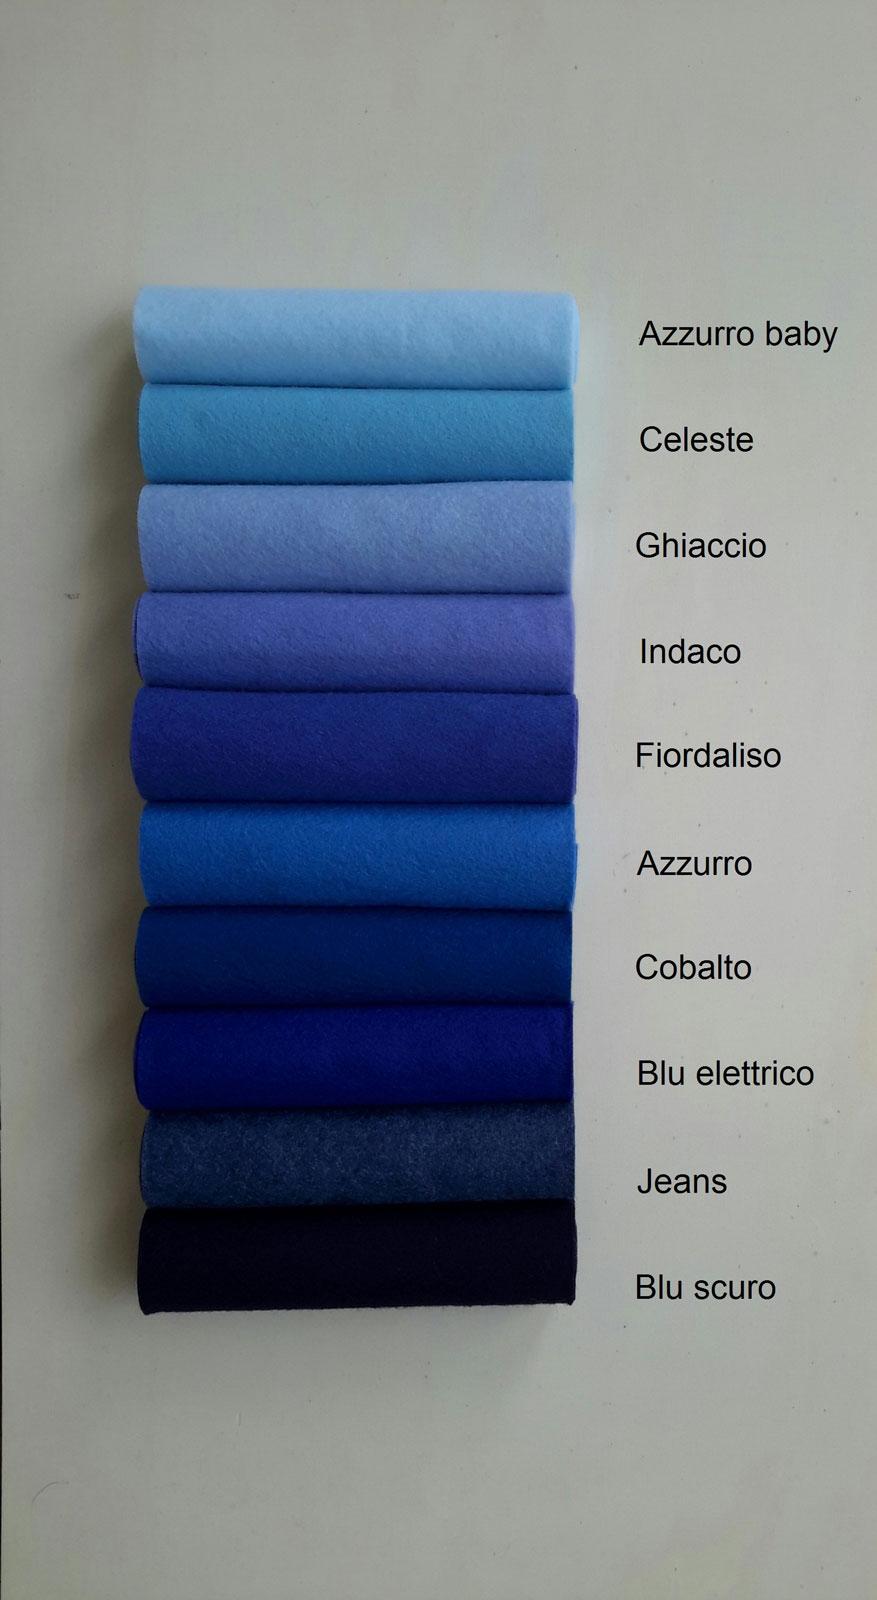 Azzurro Fiordaliso Matrimonio : Pannolenci gamma azzurro blu cose di laura